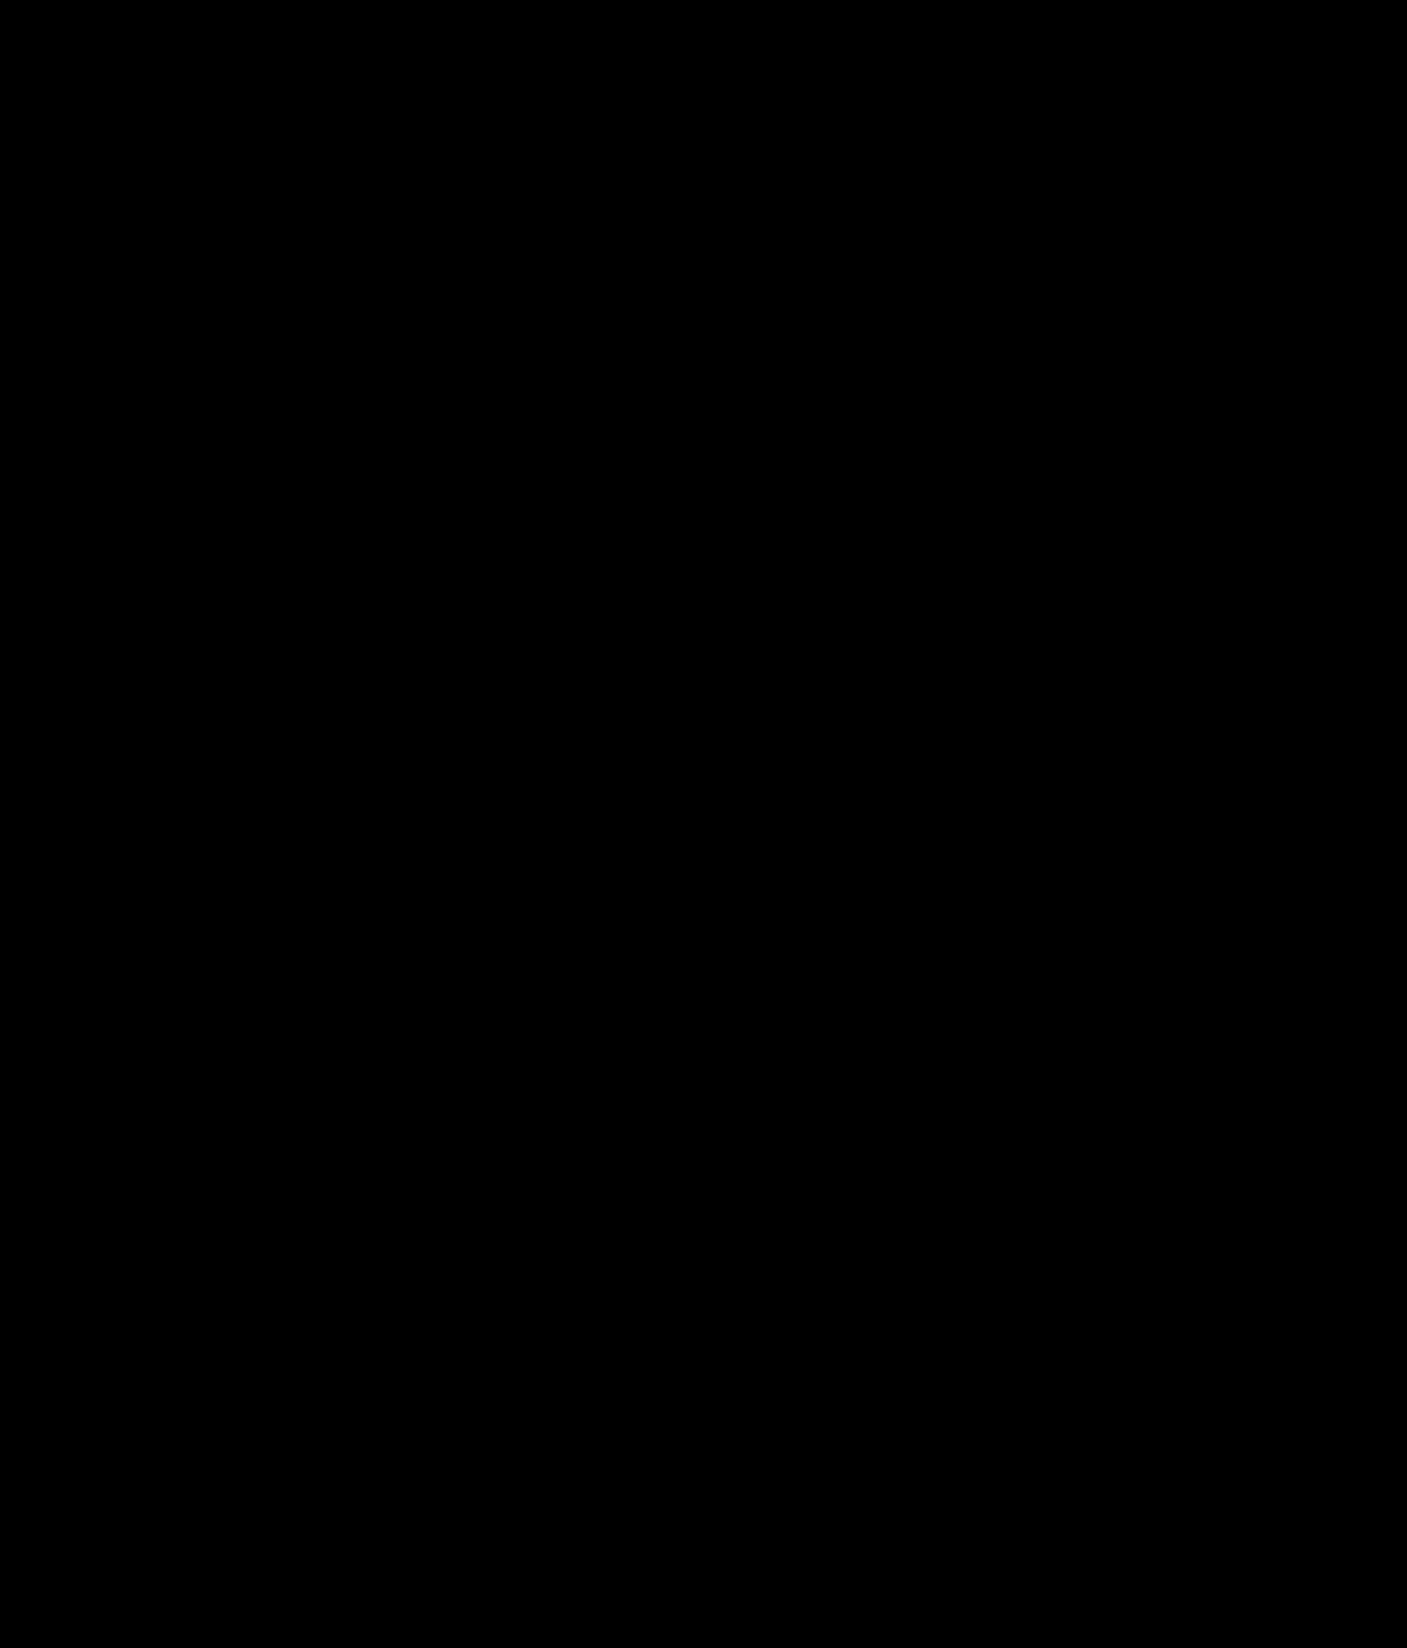 Ниндзя PNG